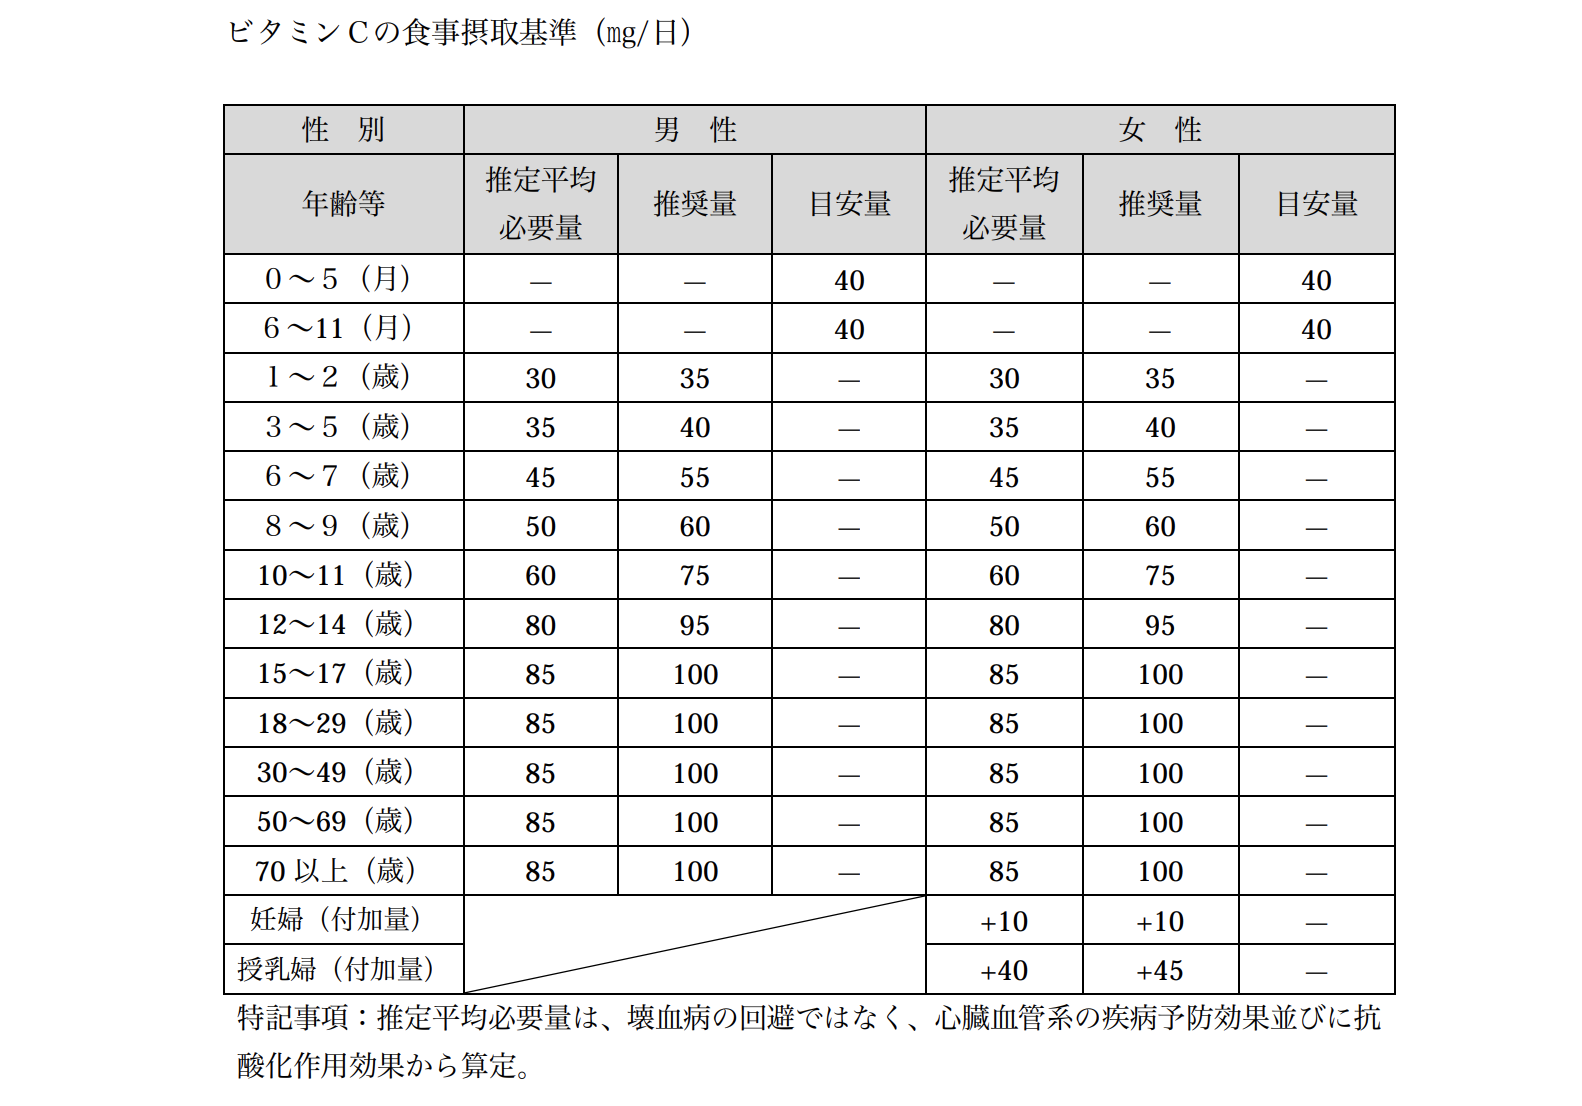 厚生労働省が公開している日本人の食事摂取基準(2015 年版)の概要:ビタミンC